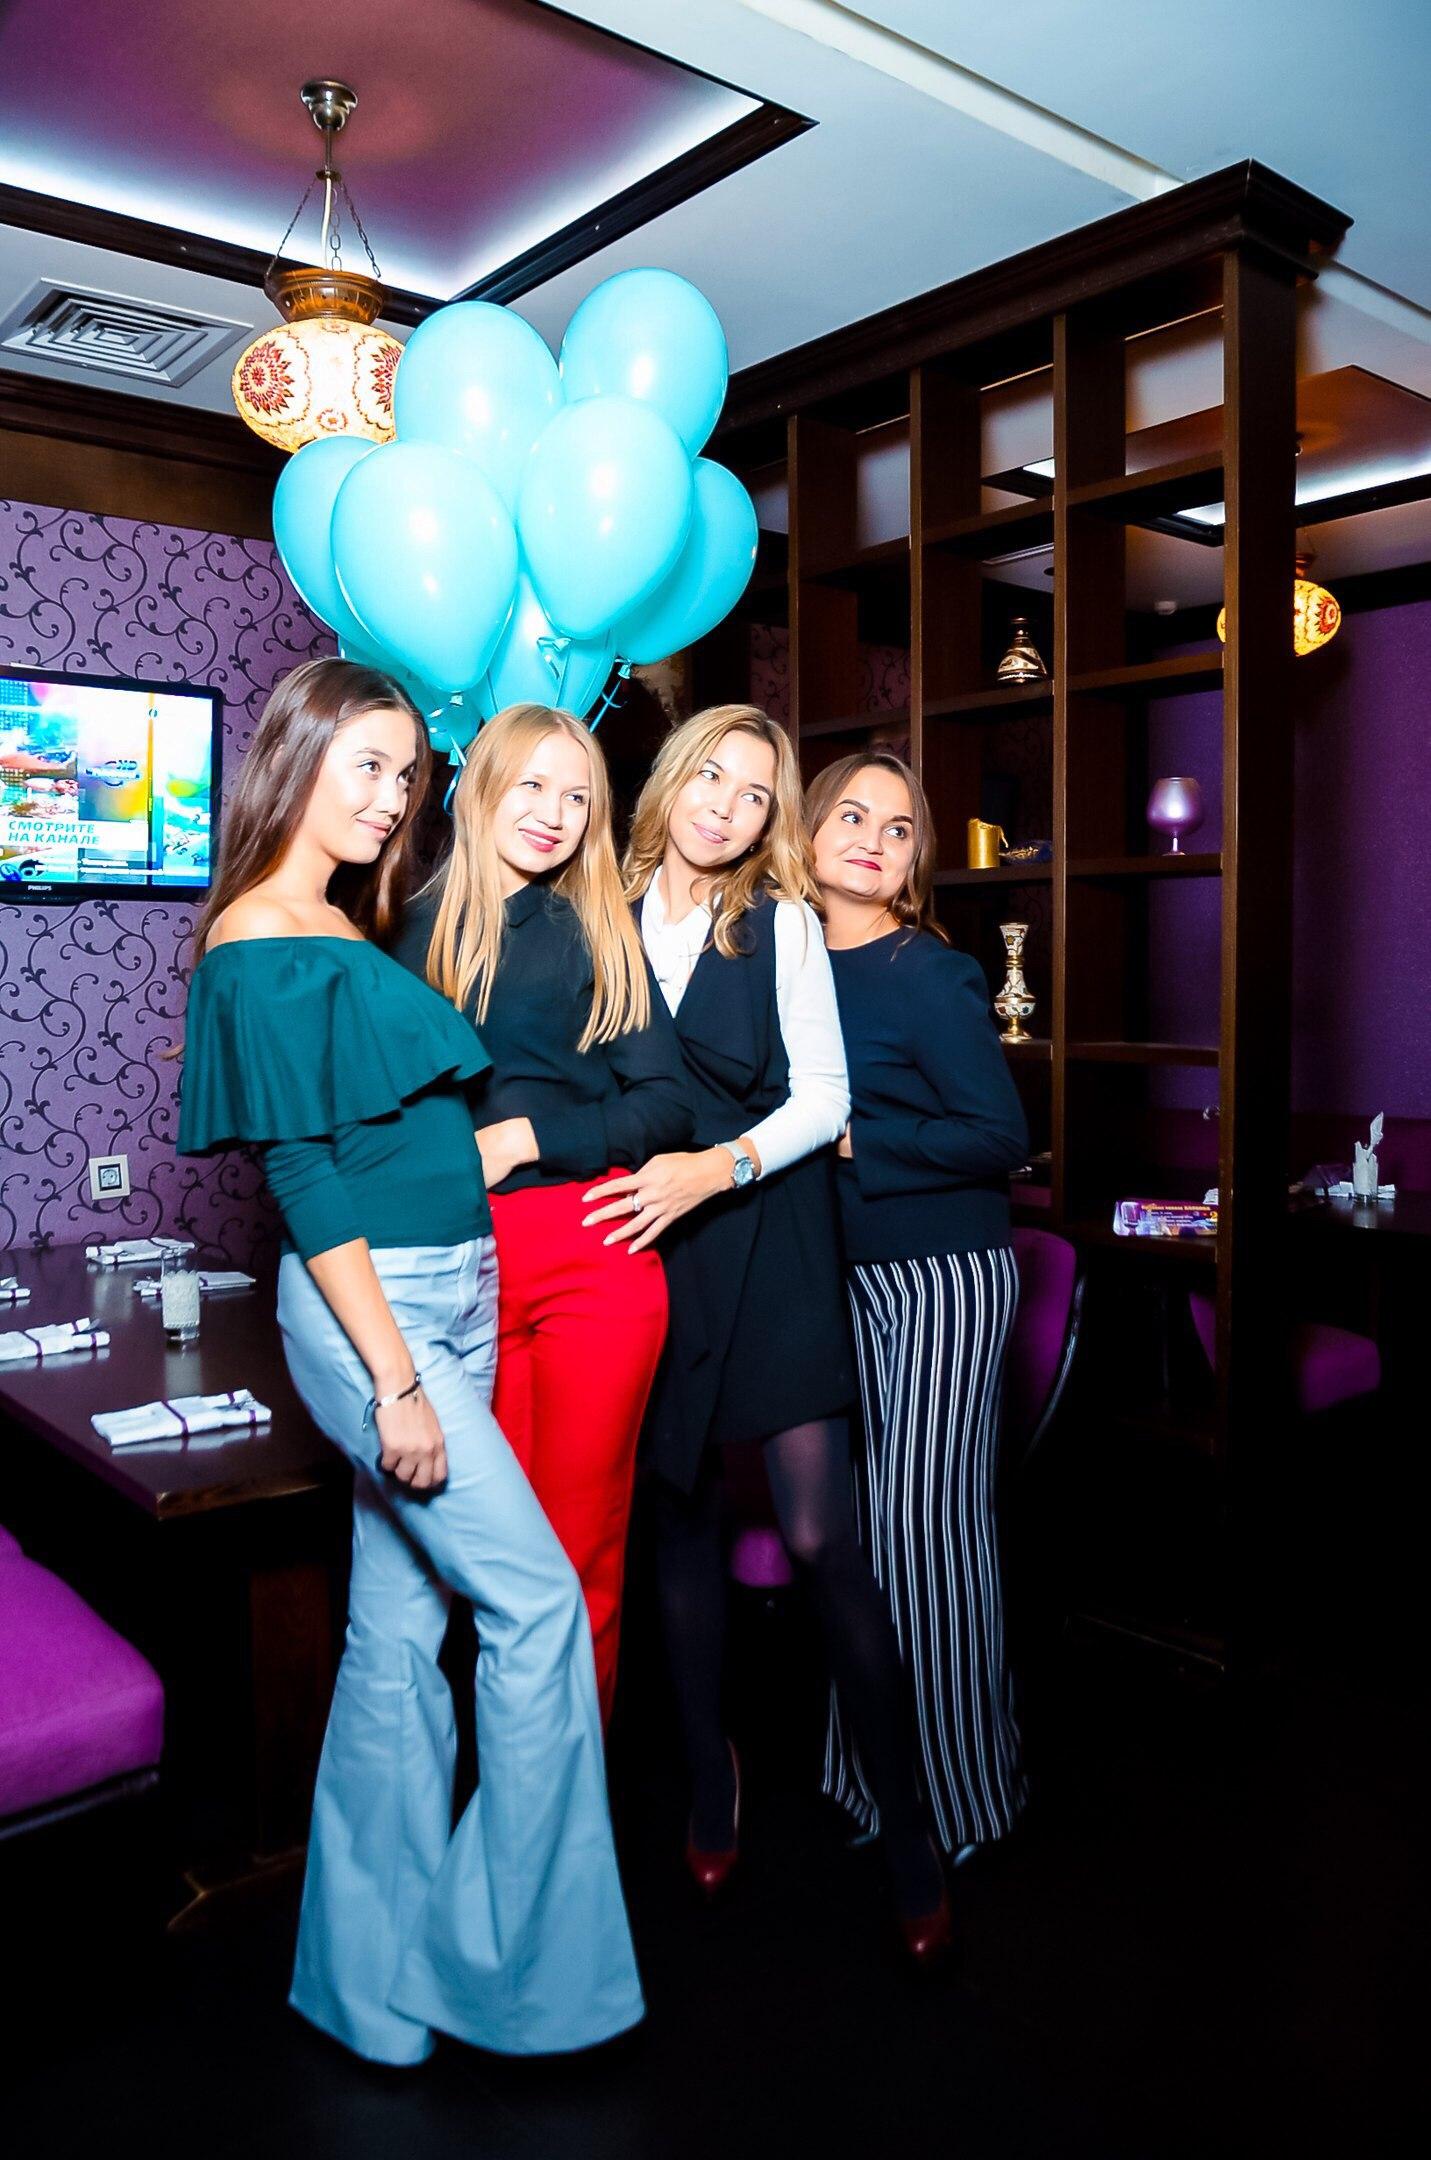 Ресторан «Фиолет» - Вконтакте